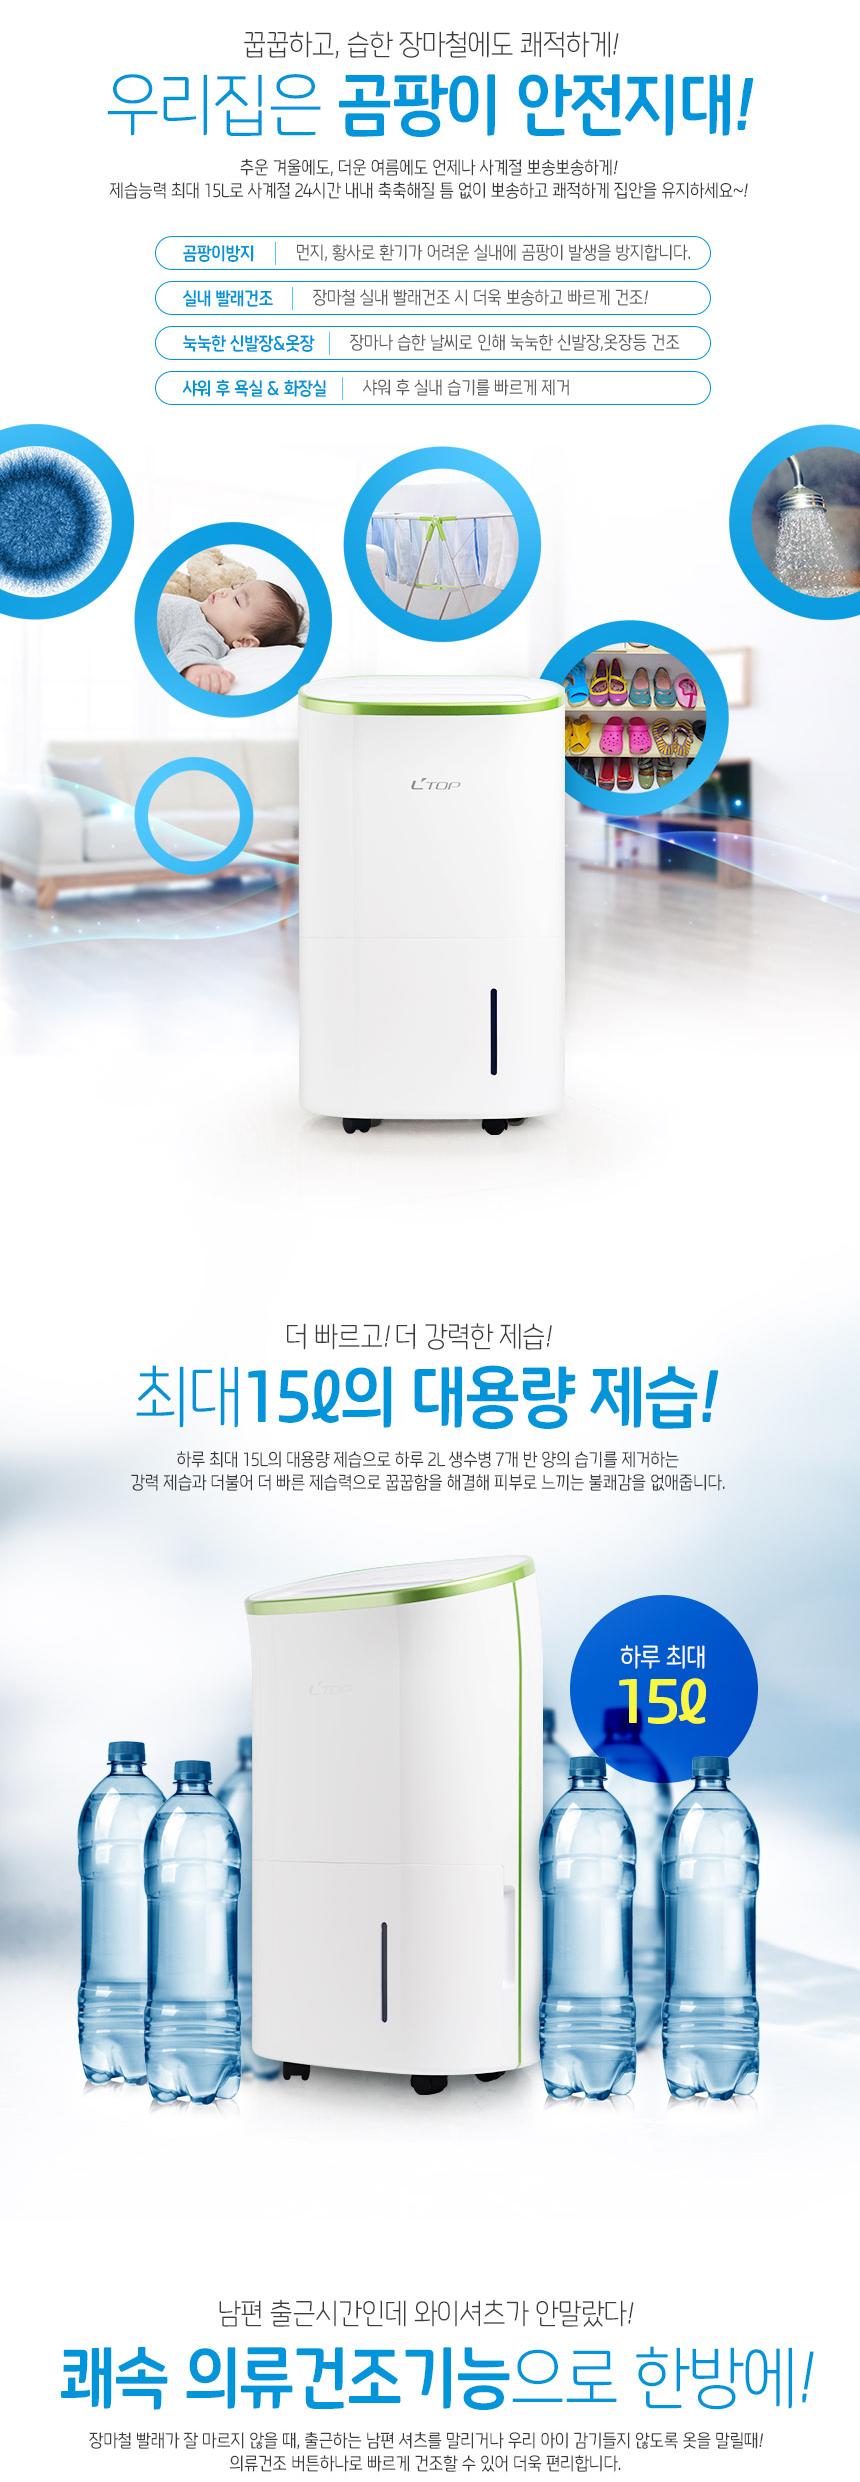 가정용미세먼지미니공기청정기,필터식가정용공기청정기,필터식공기청정기